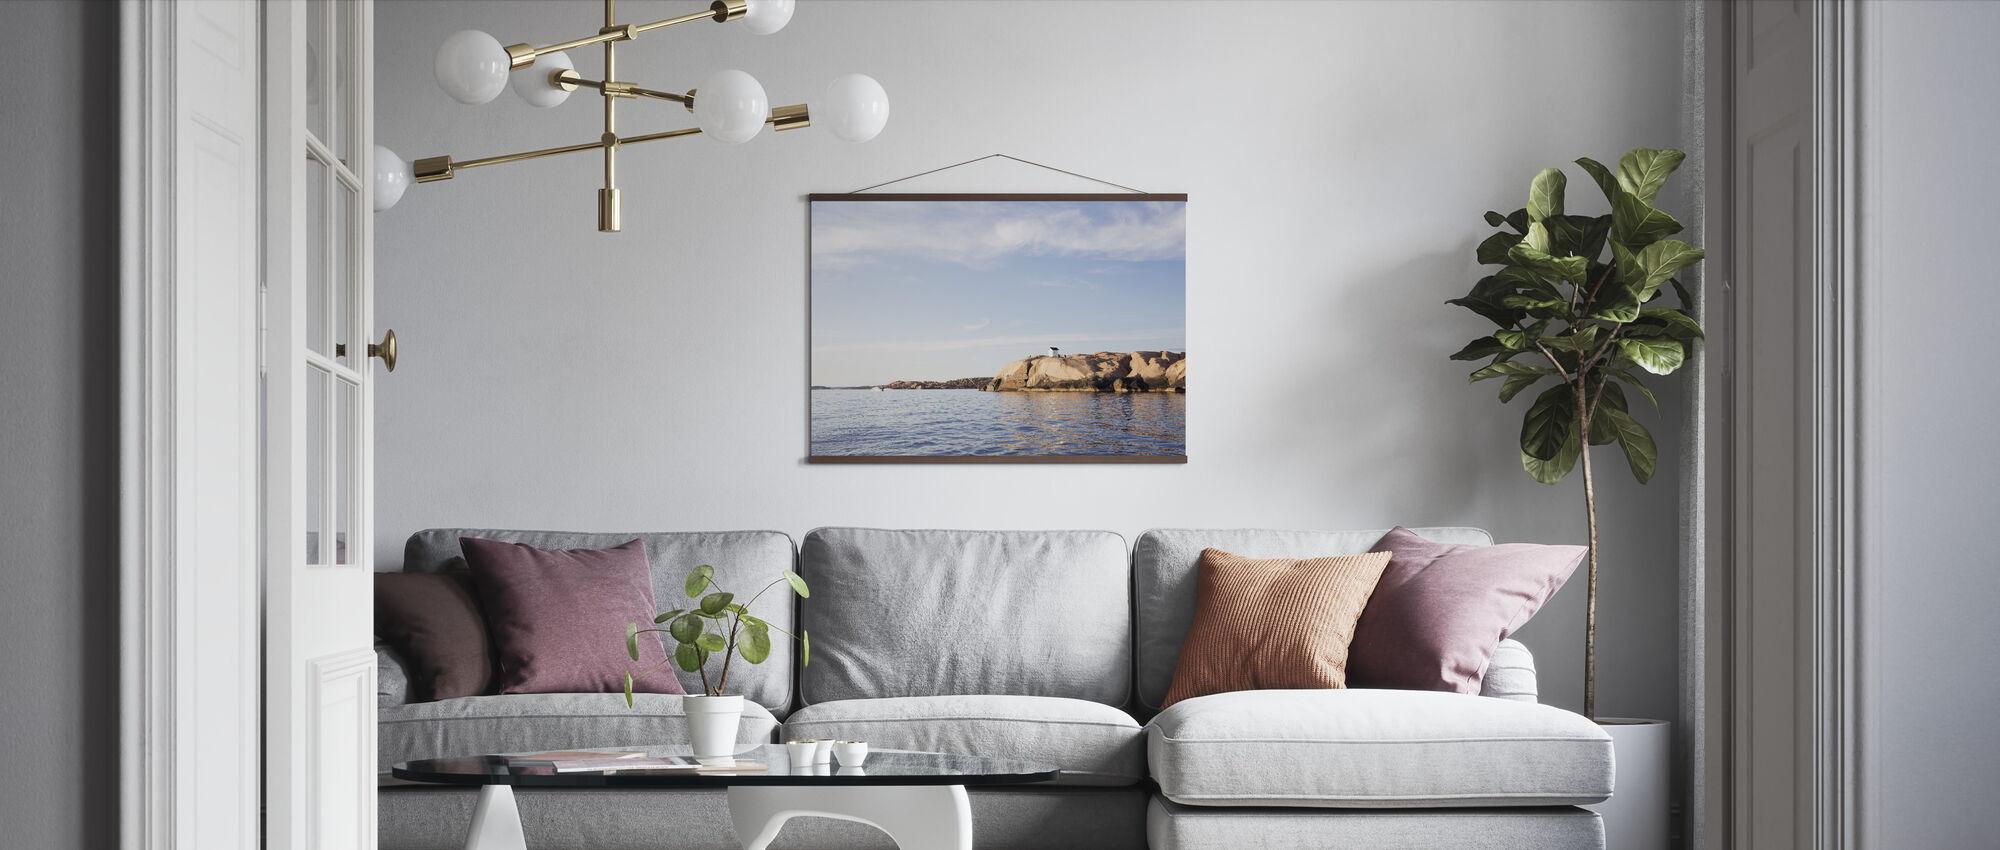 Ruotsin länsirannikko - Juliste - Olohuone